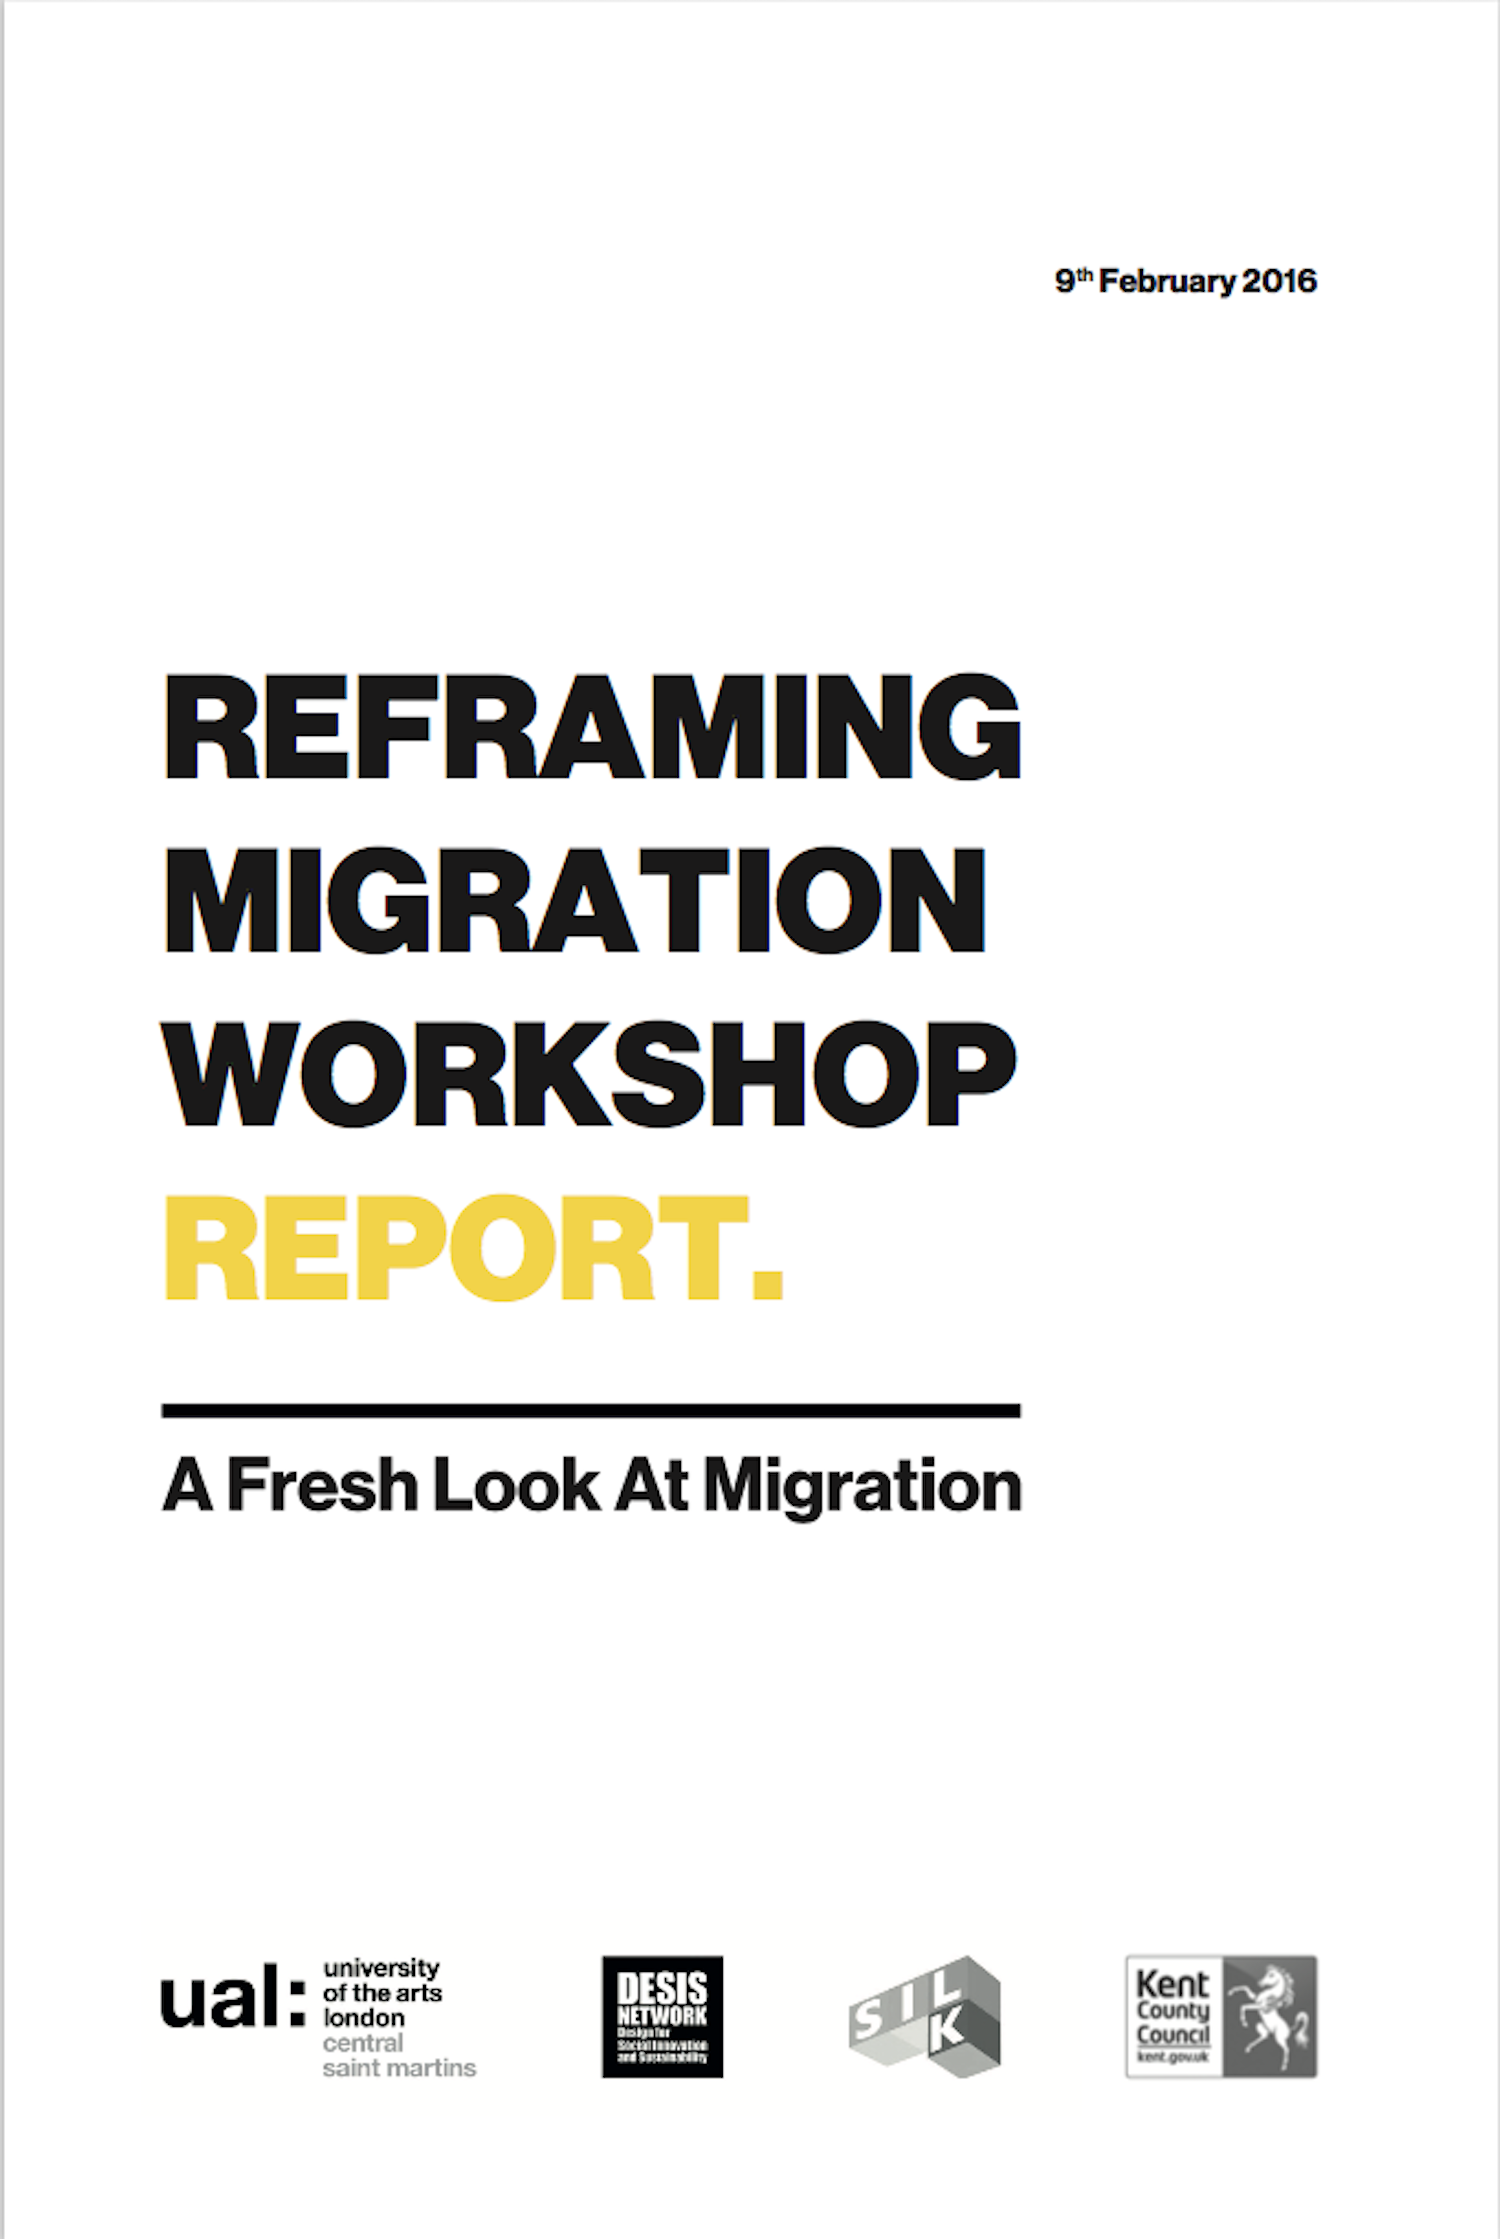 reframing-migration-workshop-report-2016-cover.png